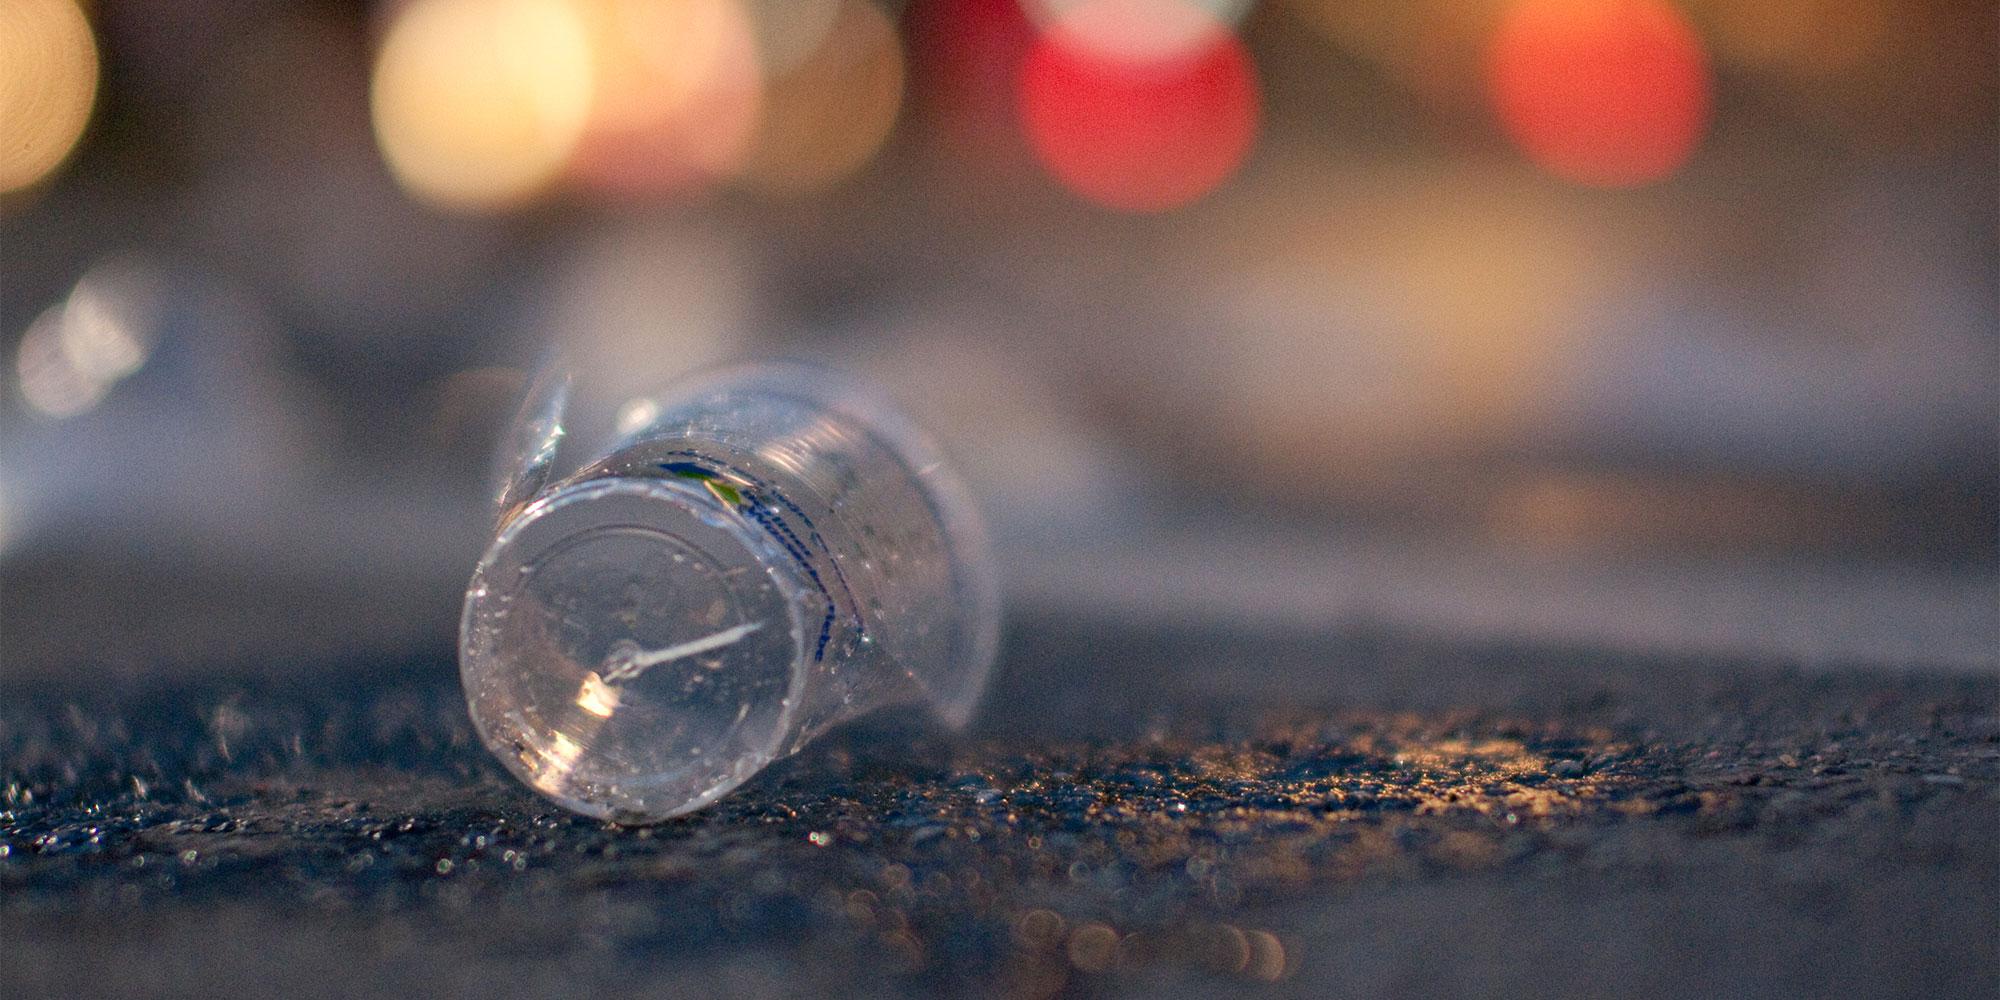 Machen Sie mit: 10 Tipps für Umweltschutz im Alltag